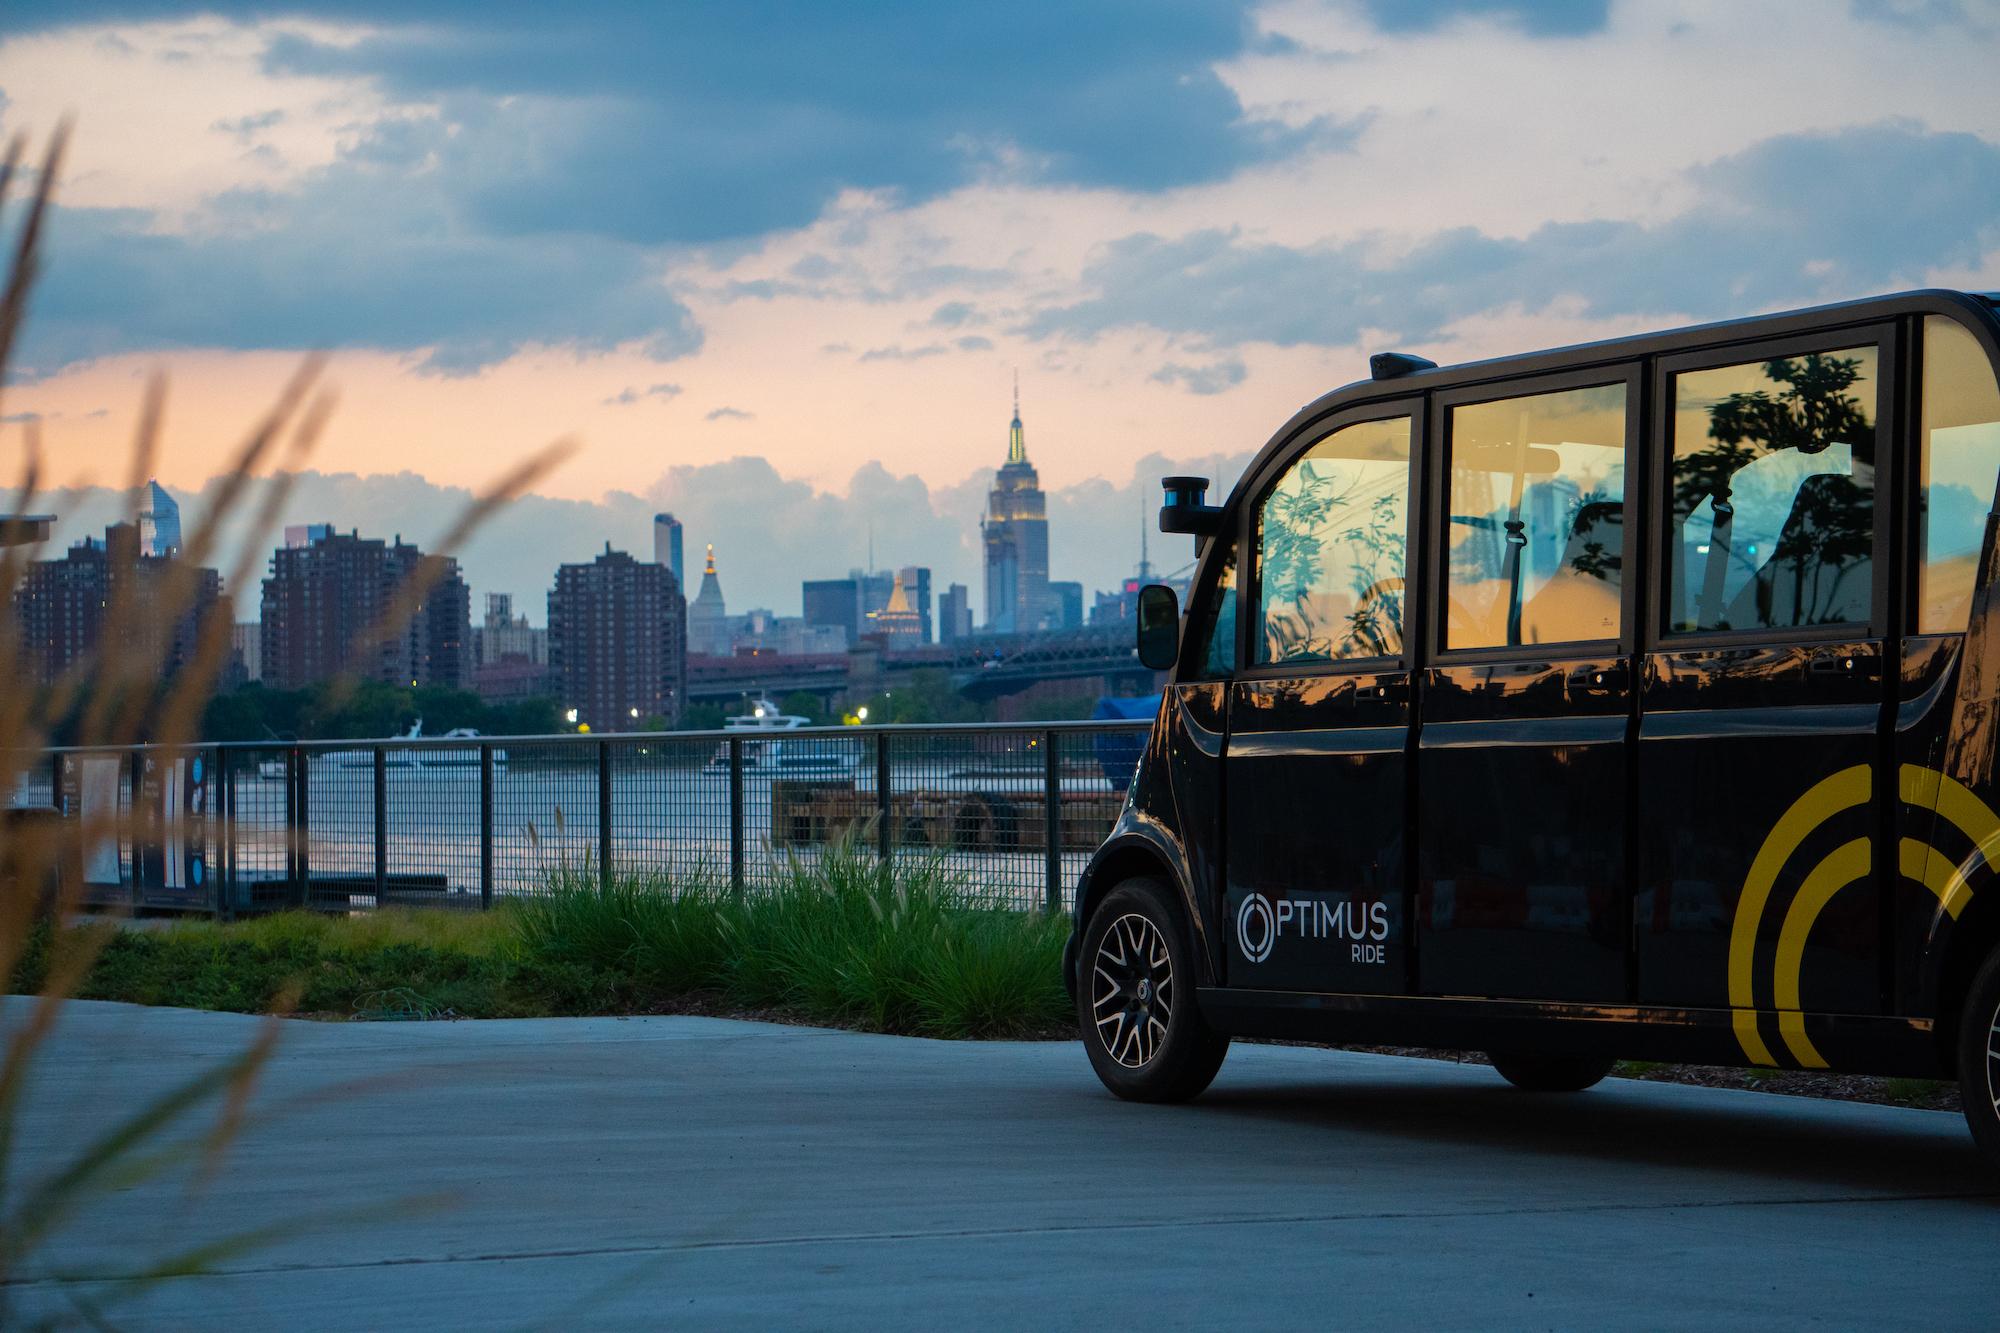 La start-up Optimus Ride déploie six navettes autonomes dans un chantier naval de Brooklyn